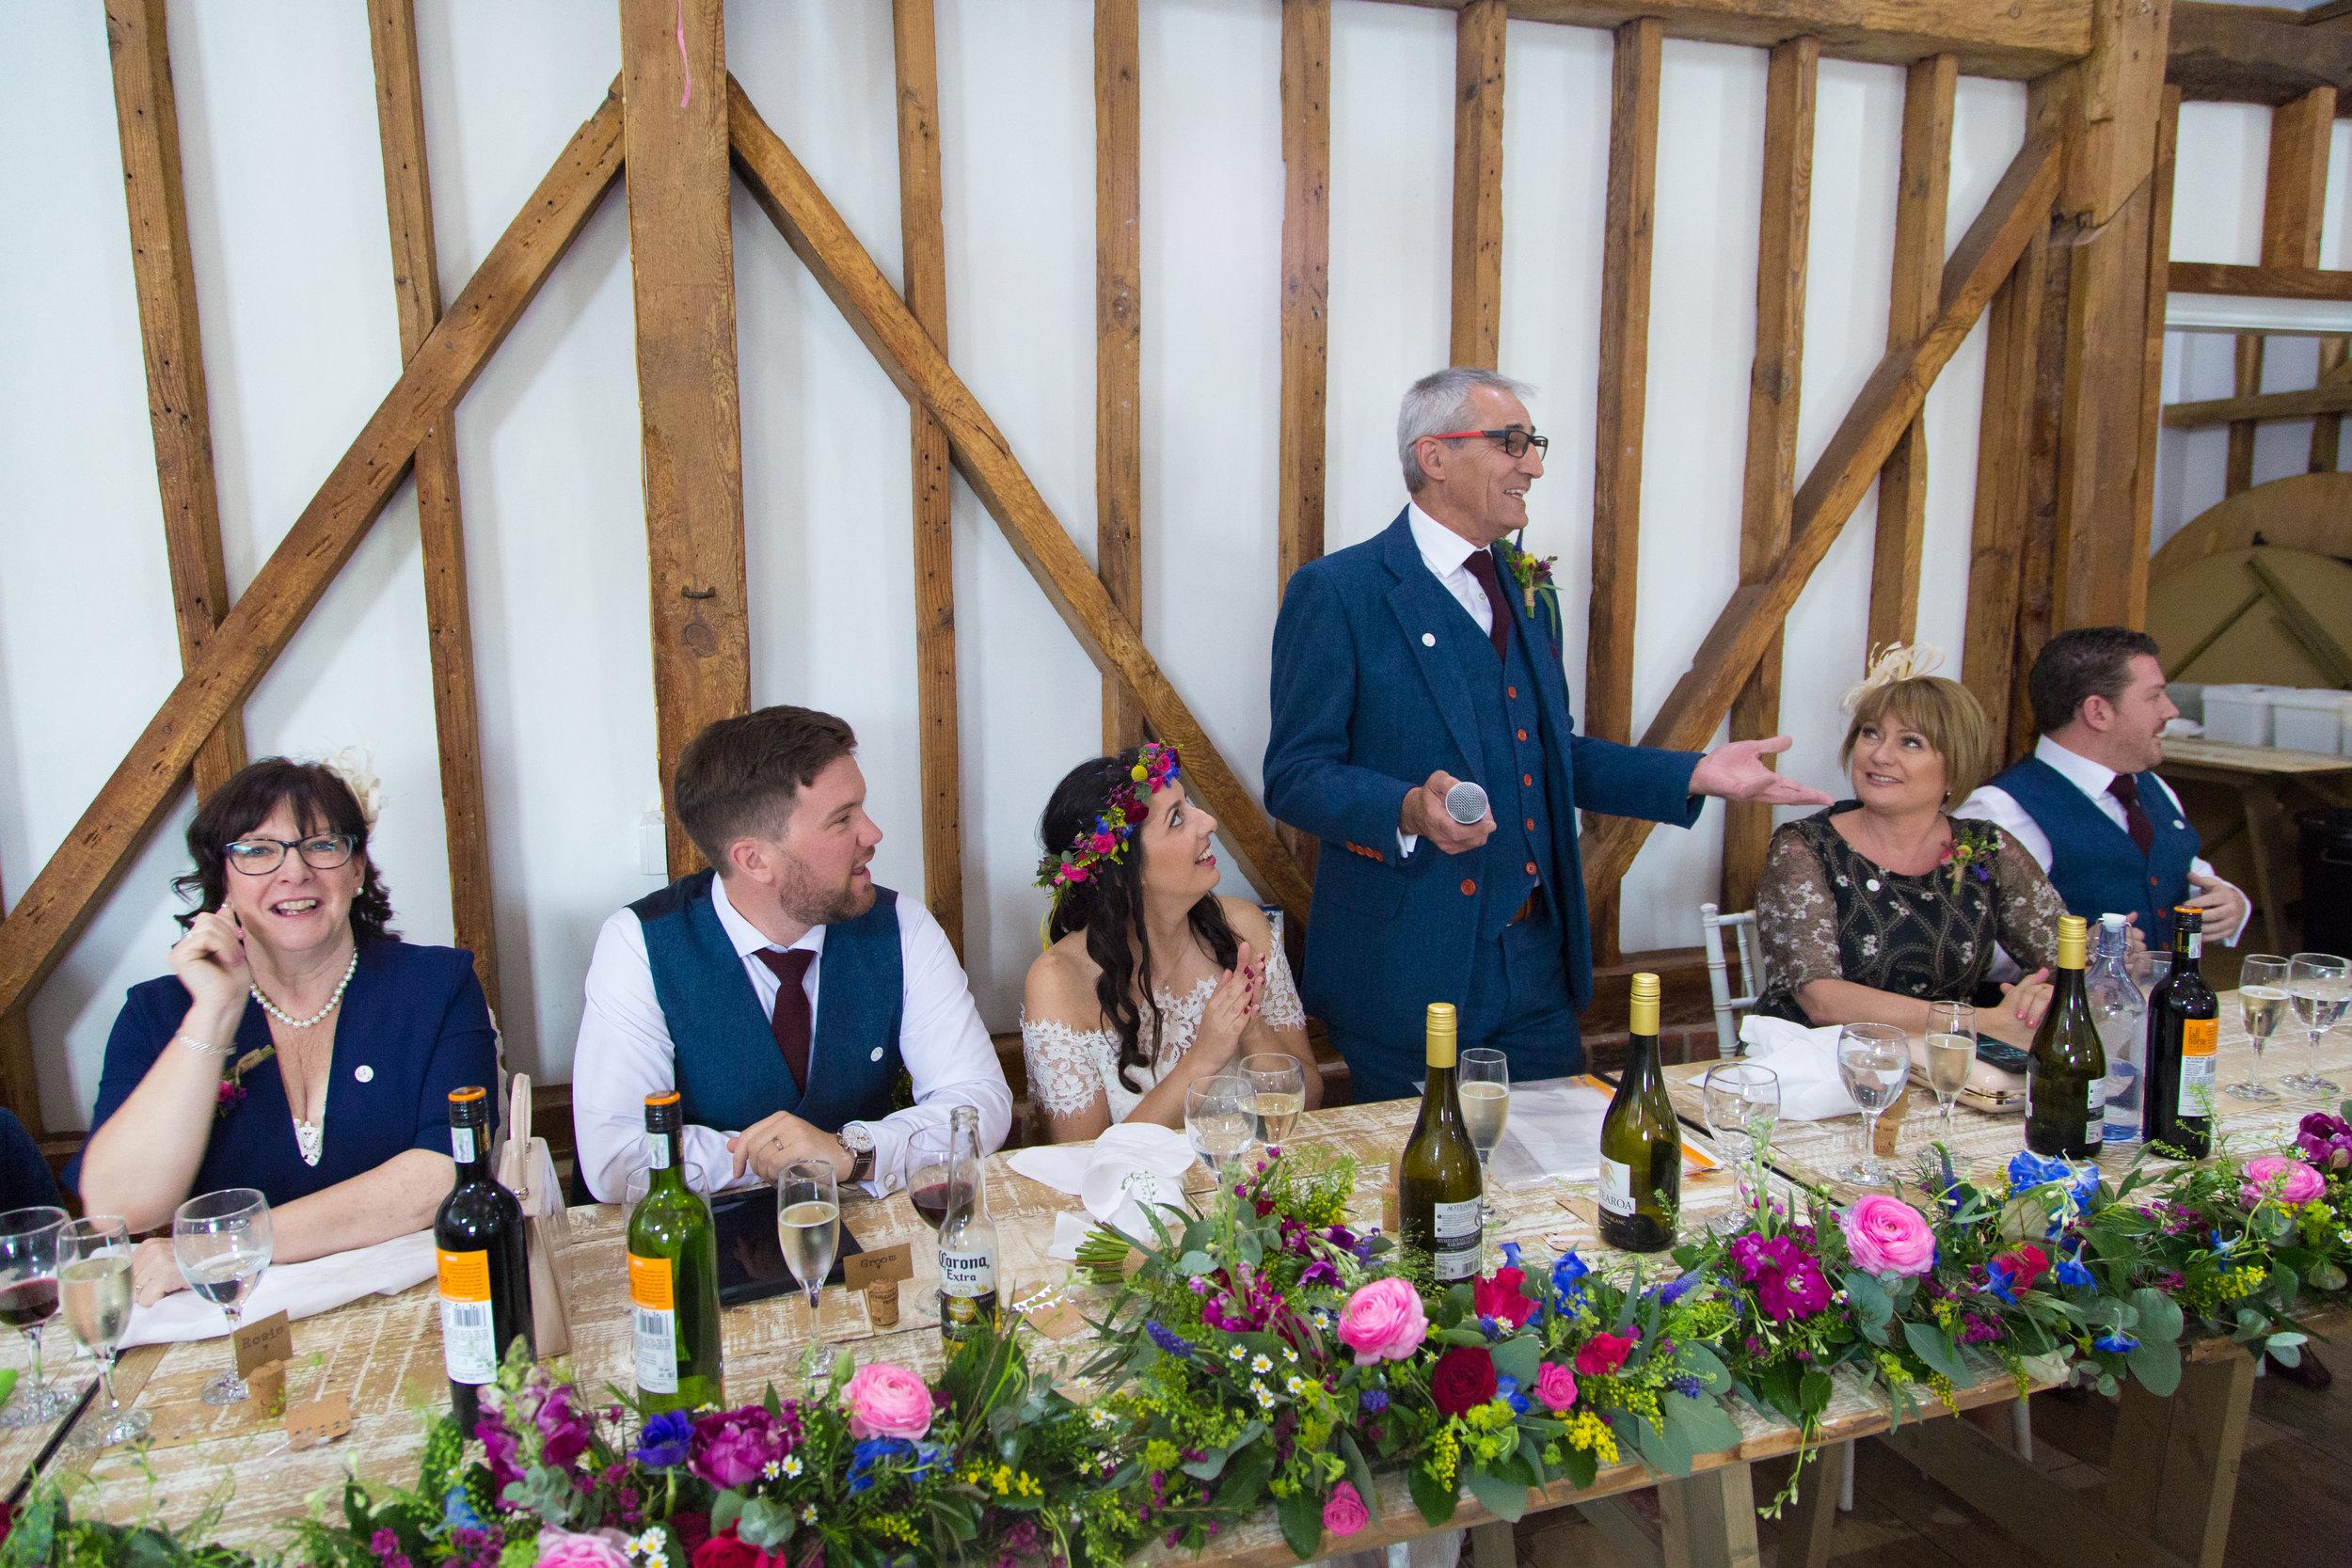 Vicky+Burlingham+Flower+Table++Runner.jpg